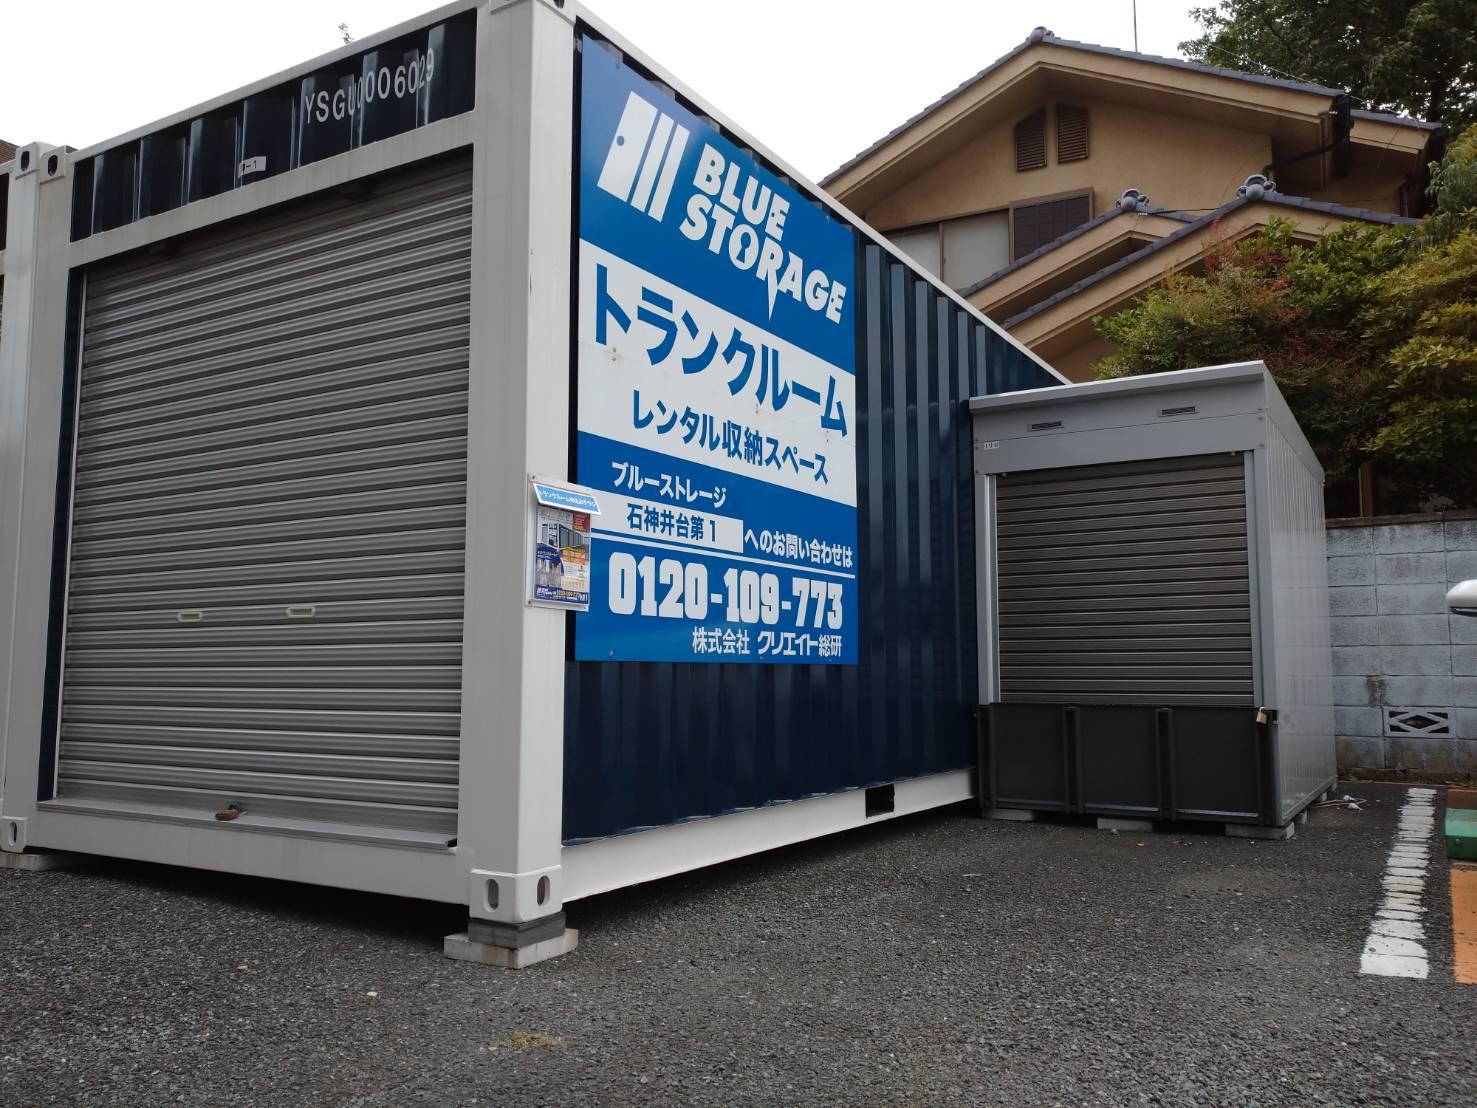 バイクストレージ石神井台P3外観5